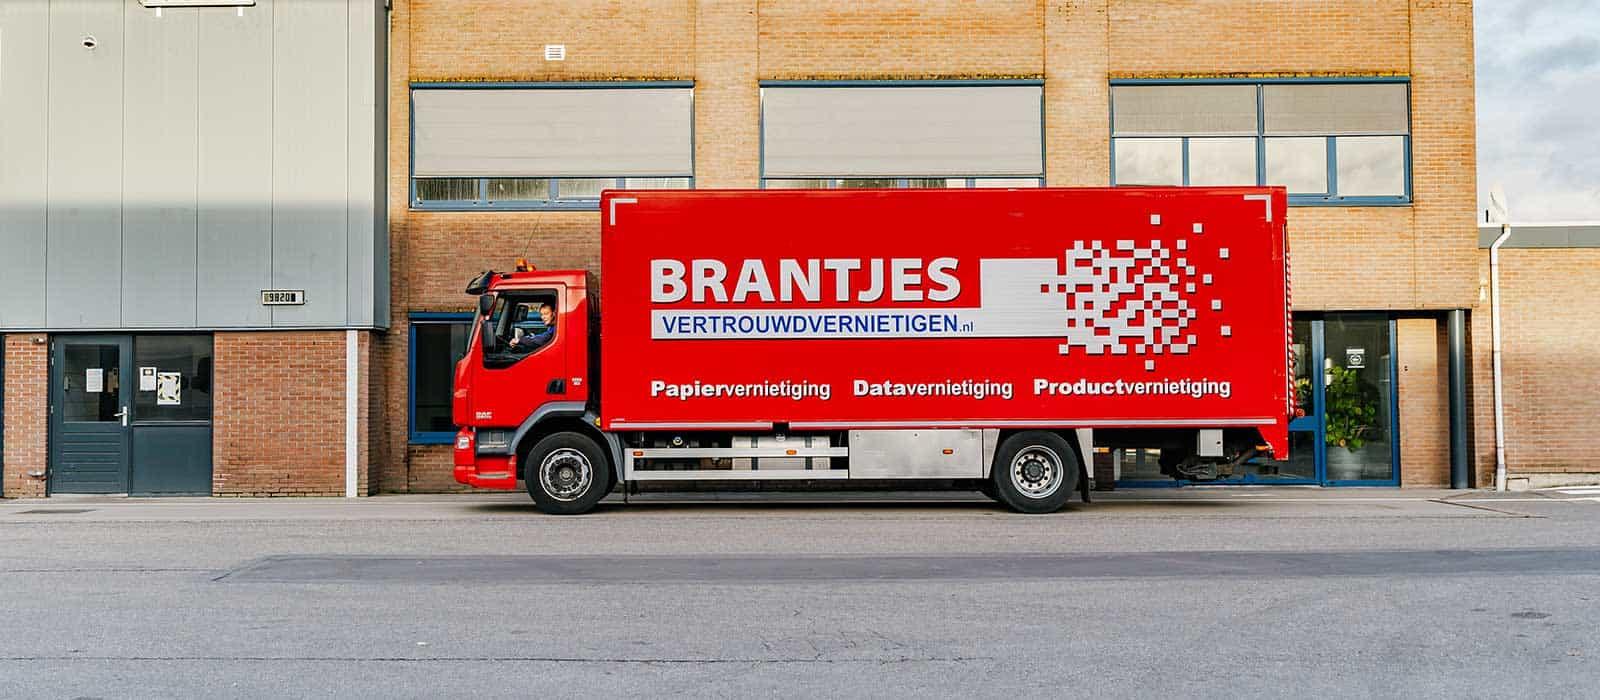 brantjes-data-vernietiging-inzamelen-kantoor-vrachtwagen